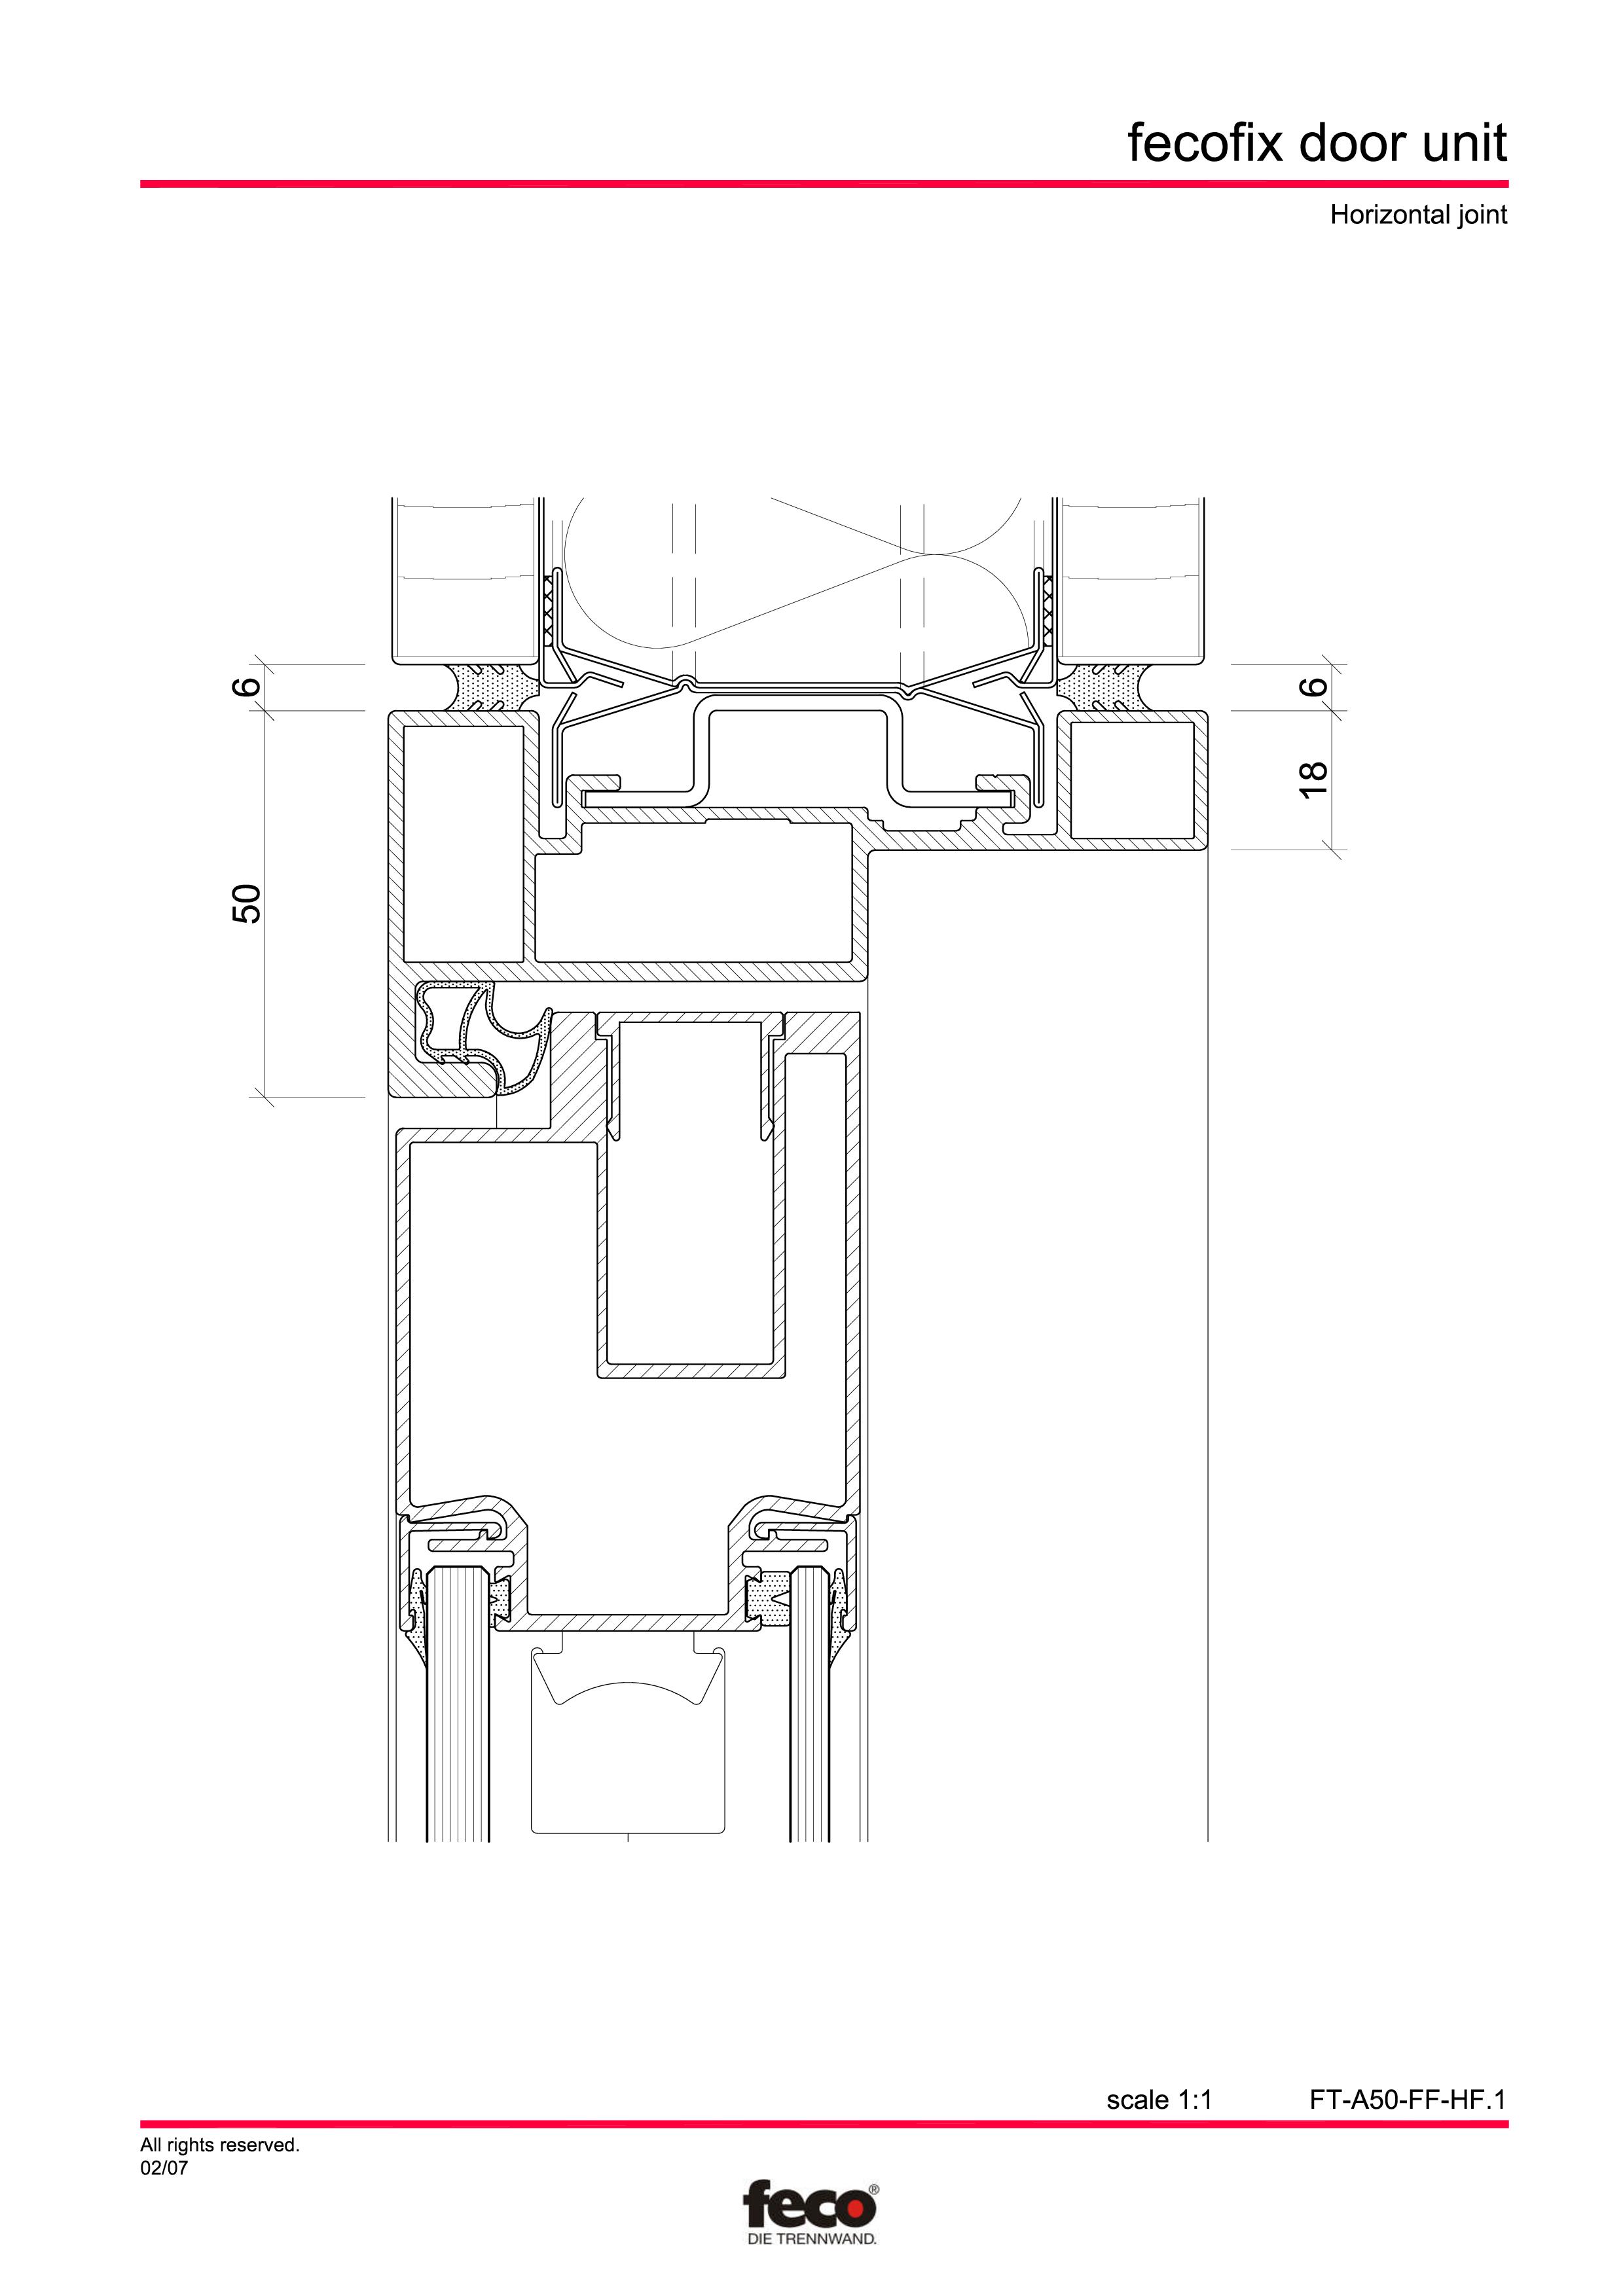 Pagina 5 - CAD-PDF Usa din aluminiu cu dublu vitraj FECO Detaliu de montaj FecoFix